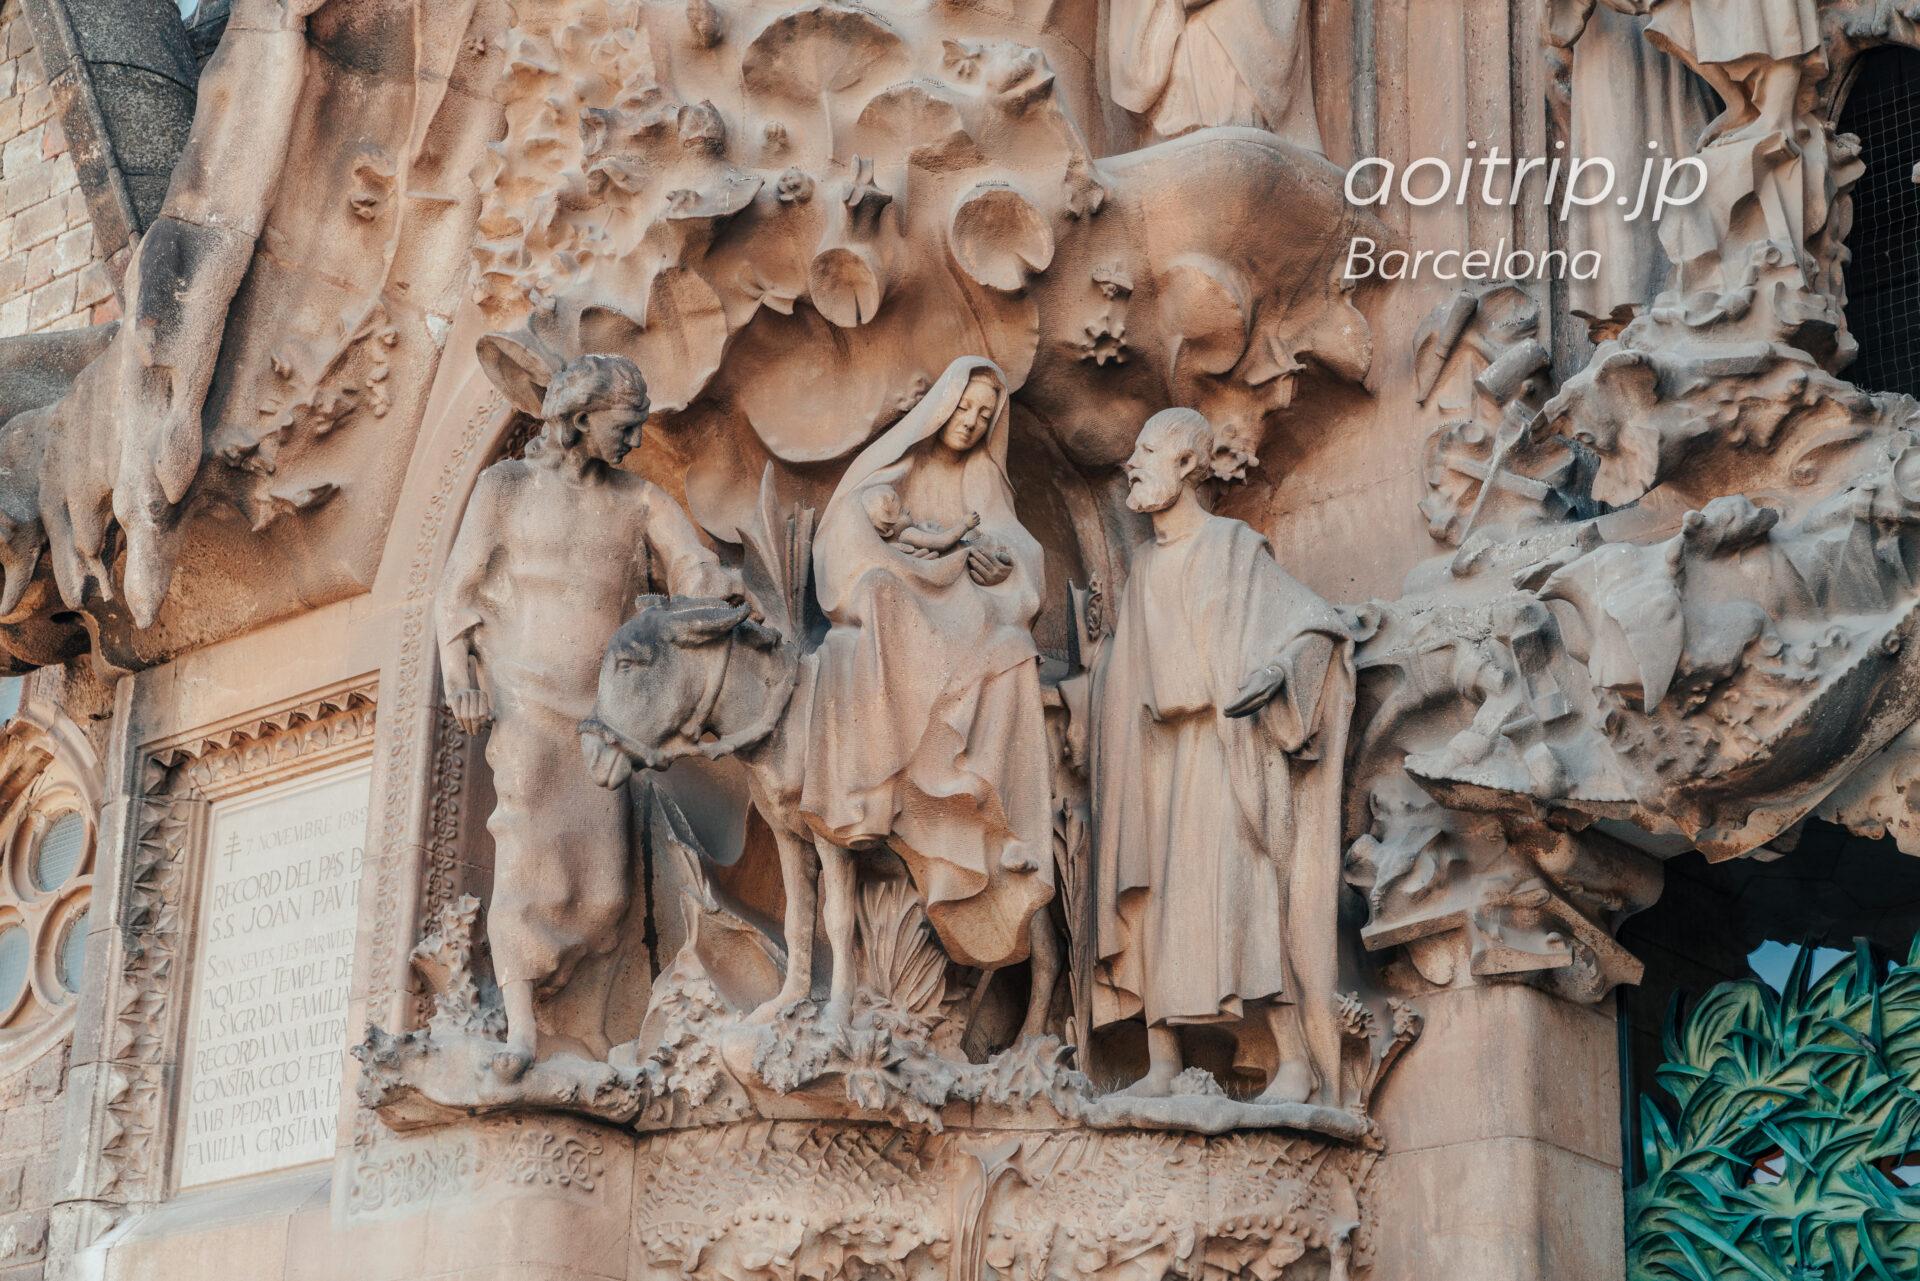 Basílica de la Sagrada Família(Façana del Naixement, The flight to Egypt)